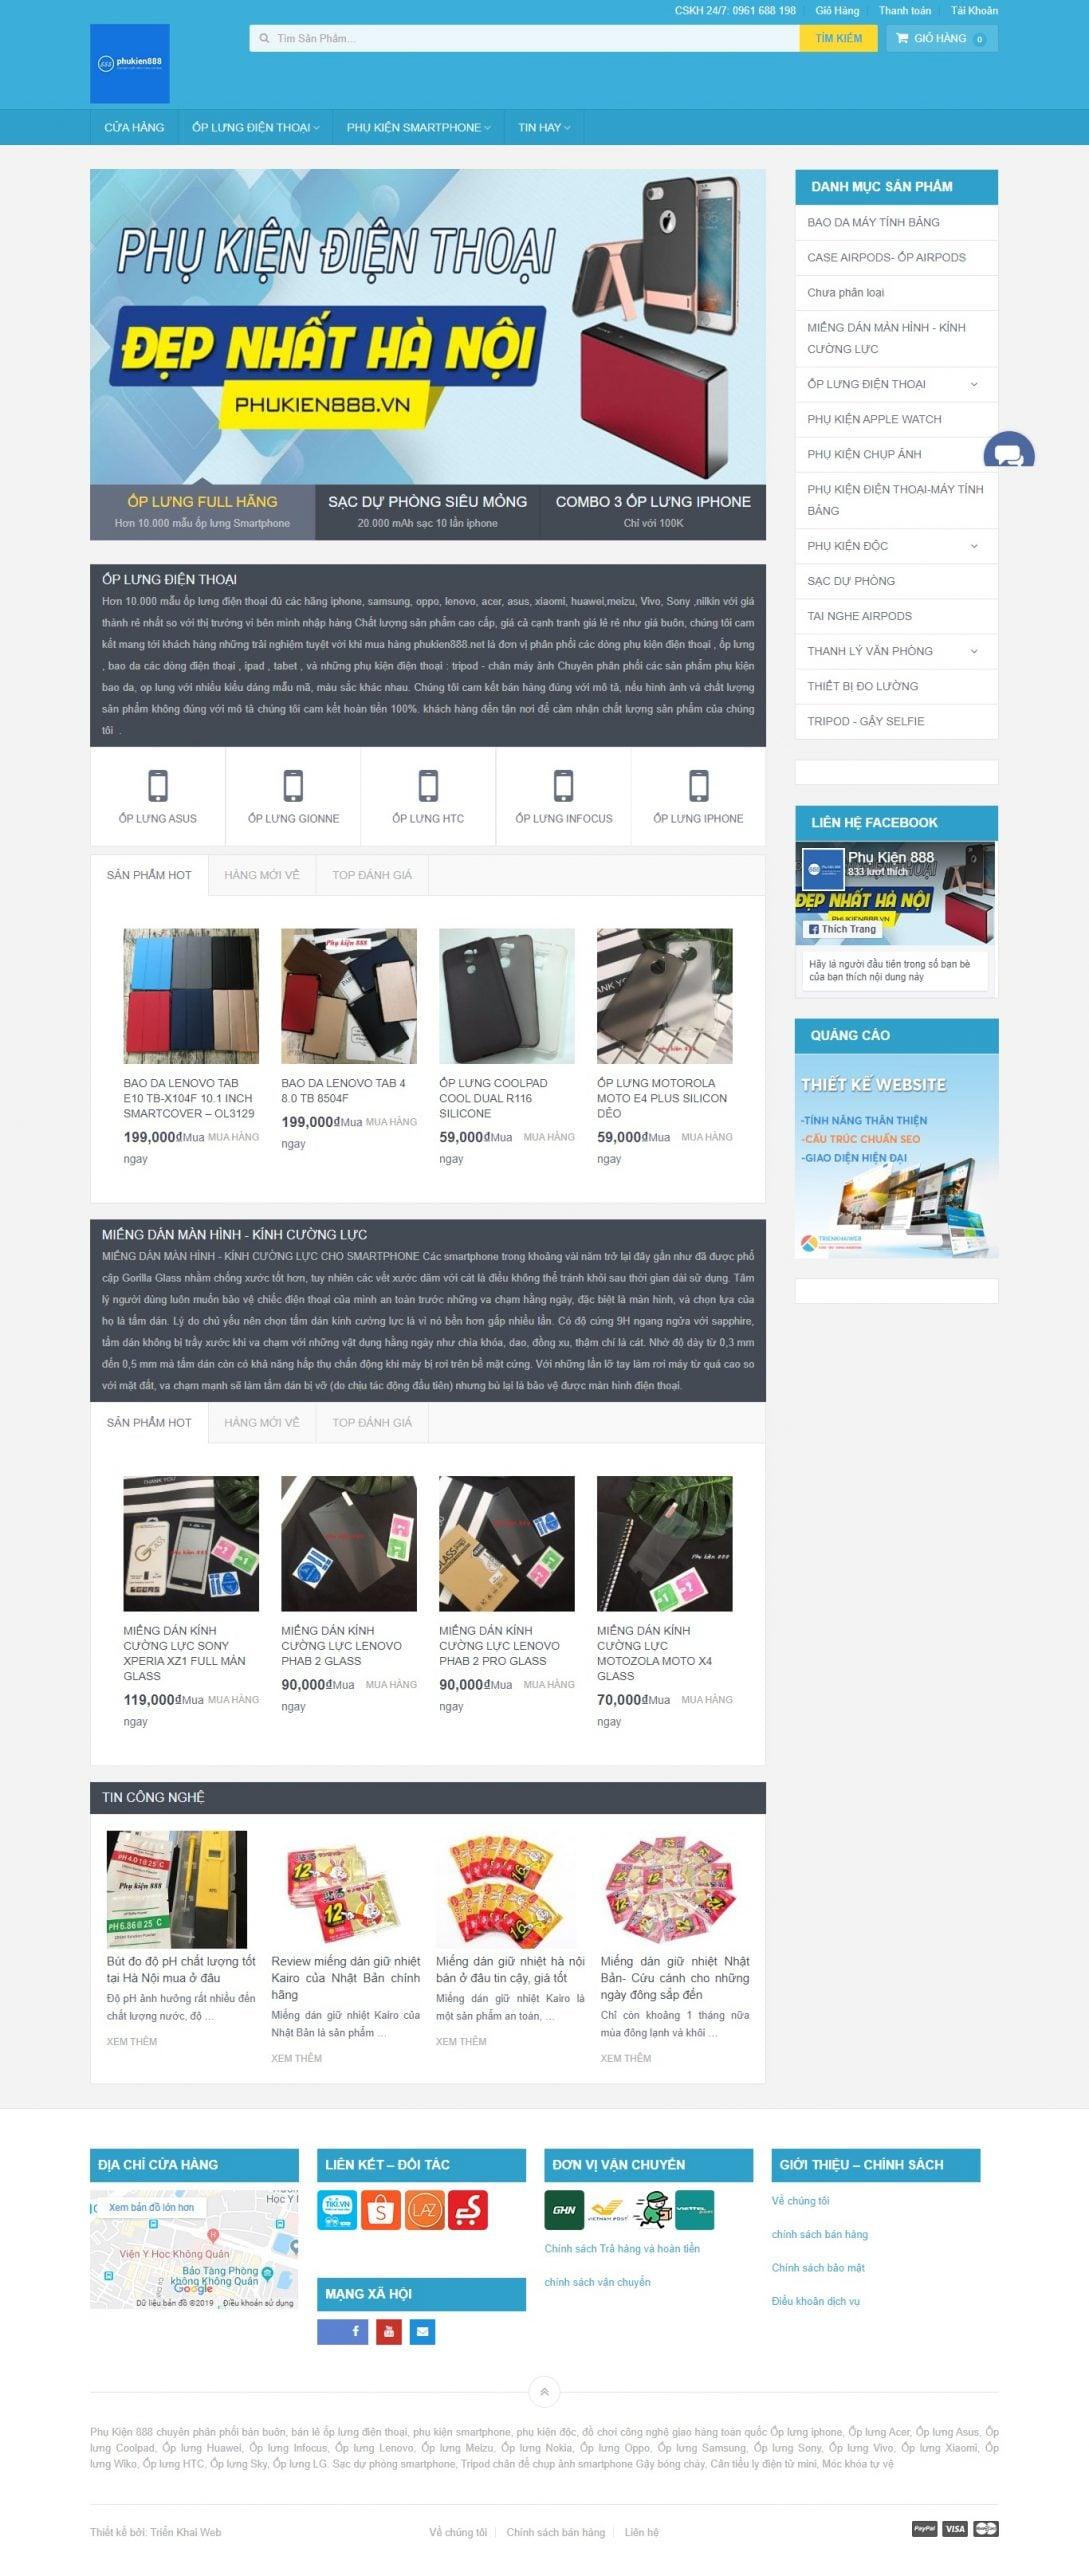 Mẫu thiết kế website bán hàng Phụ kiện 888 – ốp lưng, phụ kiện điện thoại, thiết bị công nghệ -phukien888.vn